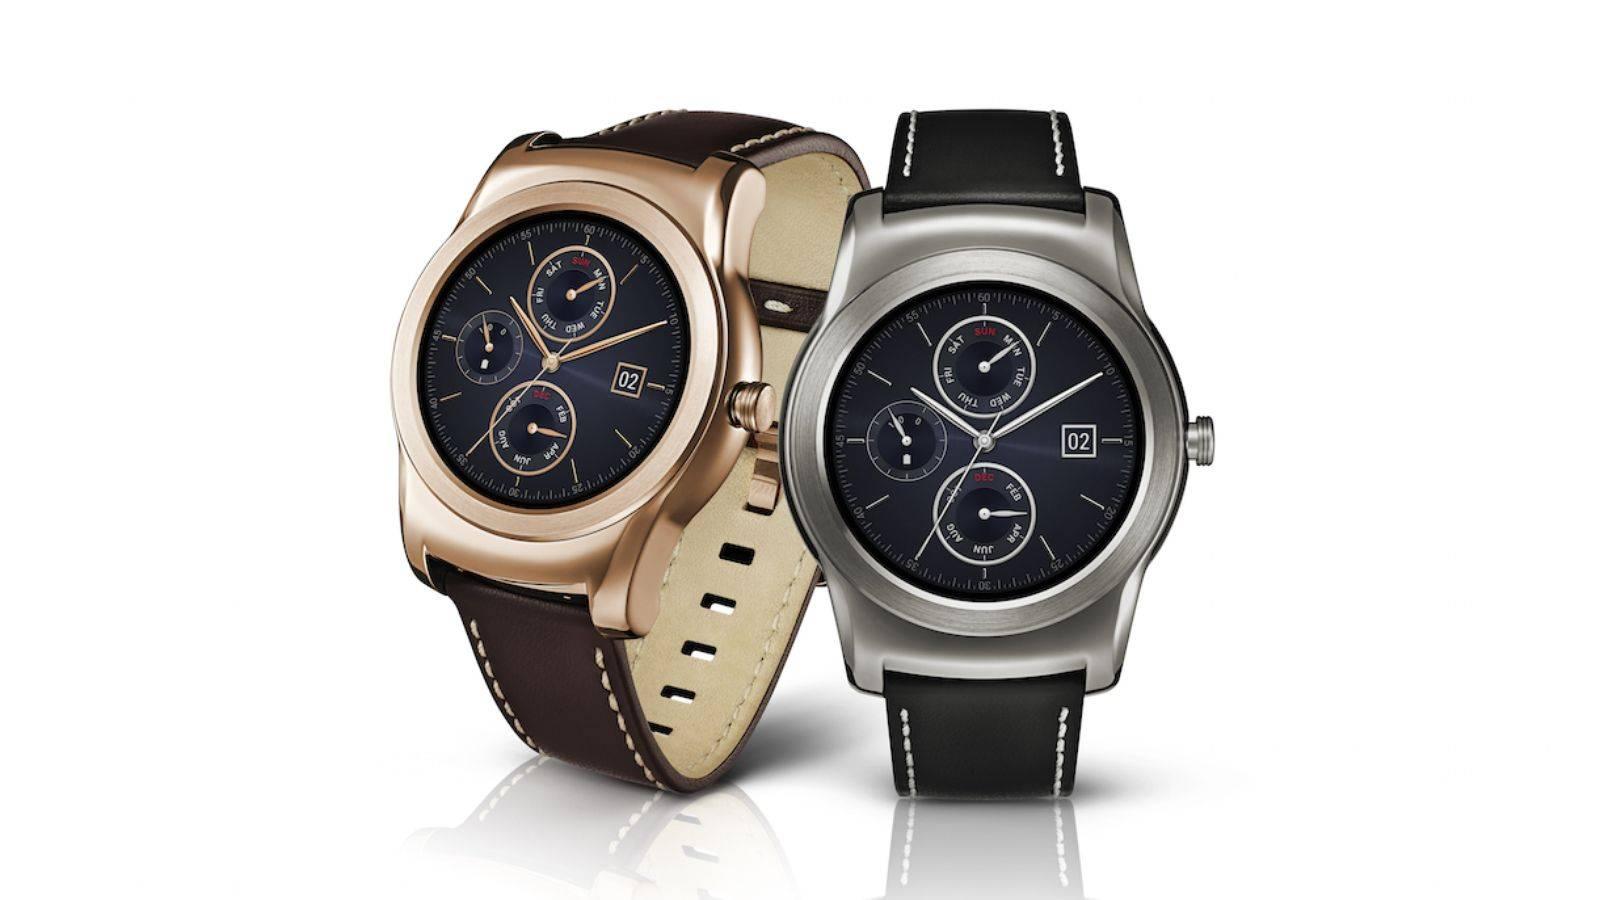 Reloj LG  Watch Urbane W150 – Smartwatch – Información antes de comprar